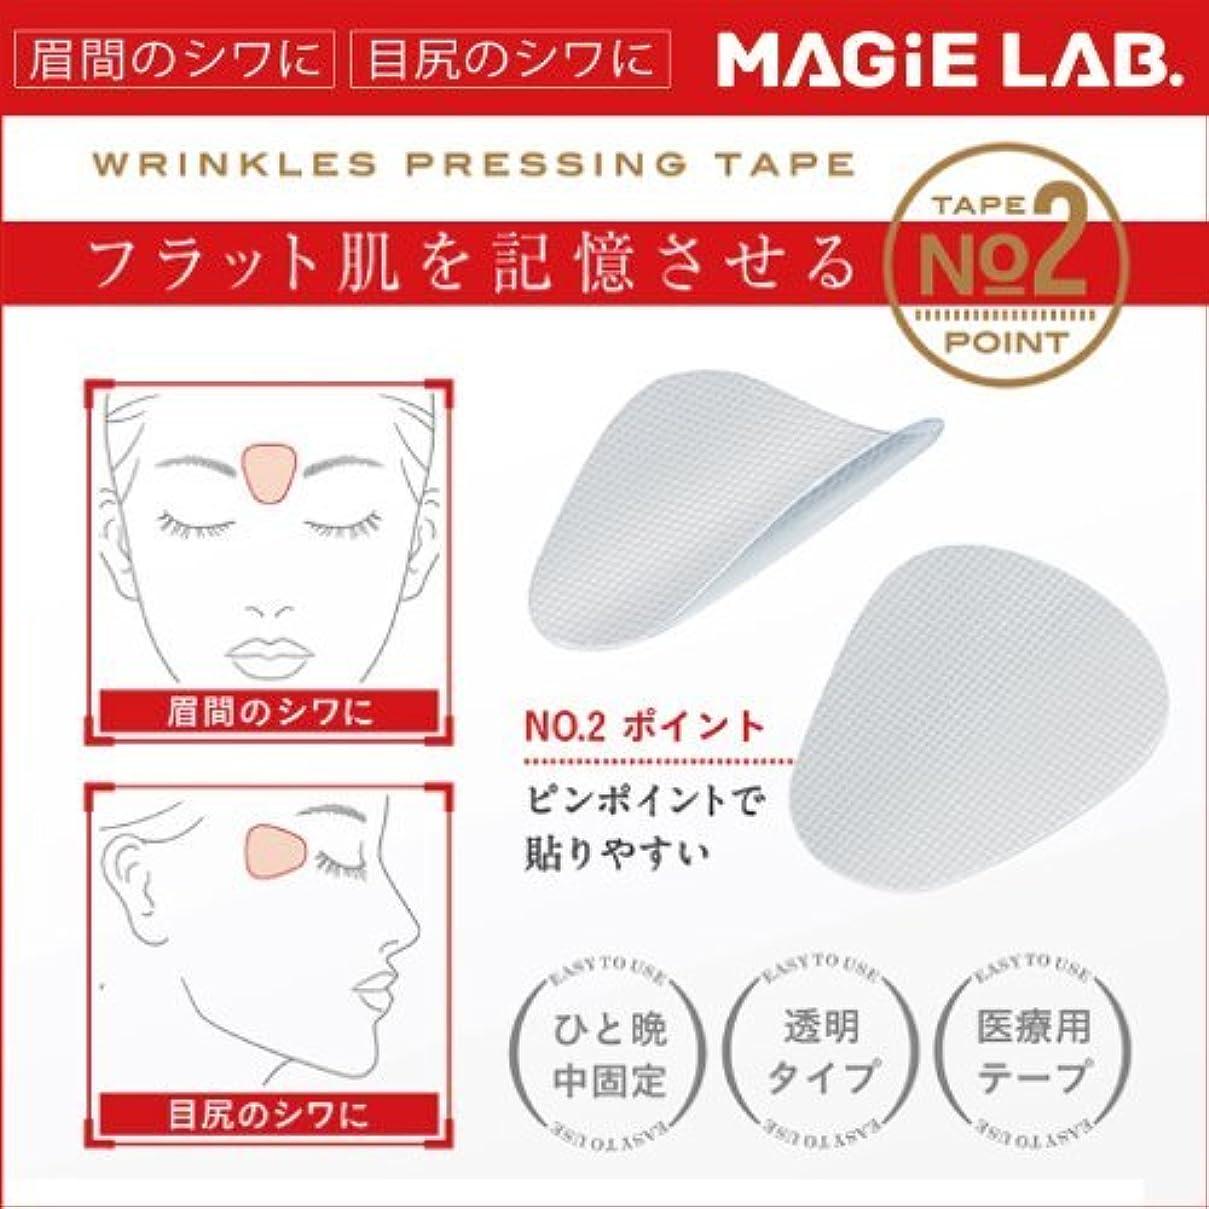 処理する失礼昆虫MAGiE LAB.(マジラボ) 一点集中カバー お休み中のしわ伸ばしテープ No.2.ポイントタイプ 貼って寝るだけ 表情筋を固定 27 枚